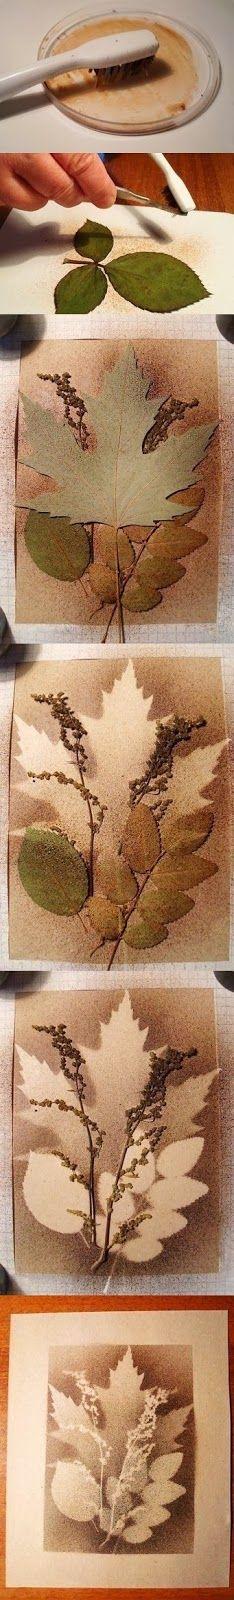 Easy DIY Crafts: Pretty DIY leaf art